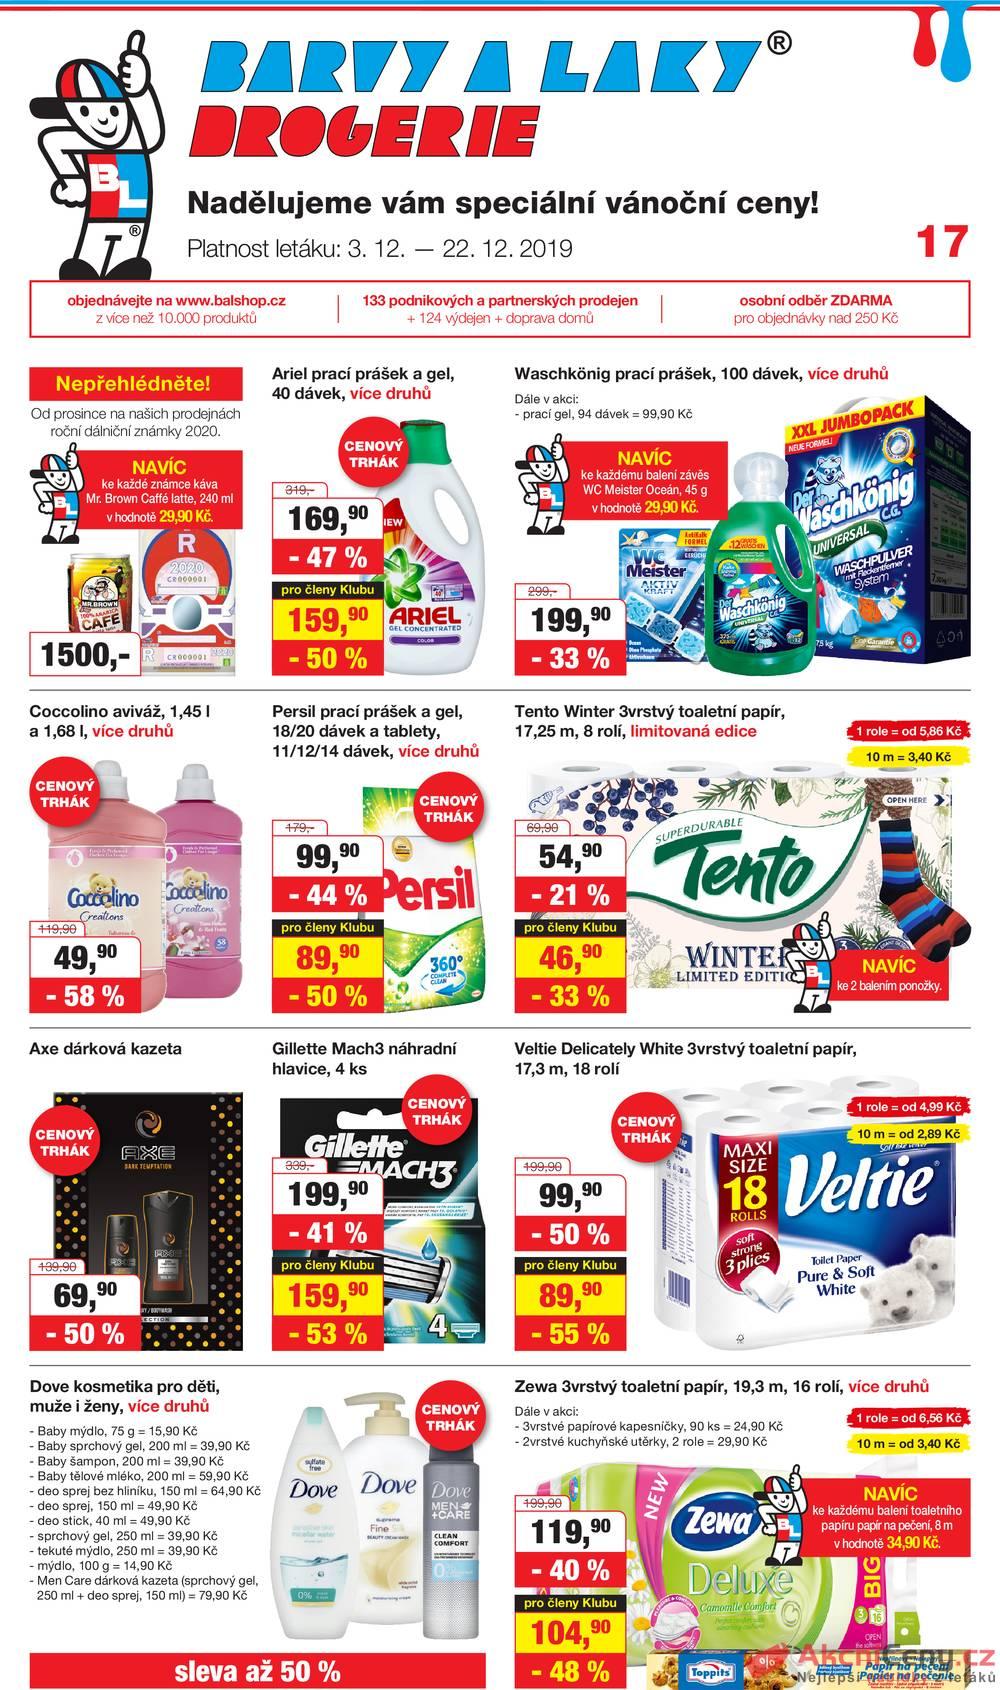 Leták Barvy a laky drogerie  - Barvy a laky drogerie od 3.12. do 22.12.2019 - strana 1